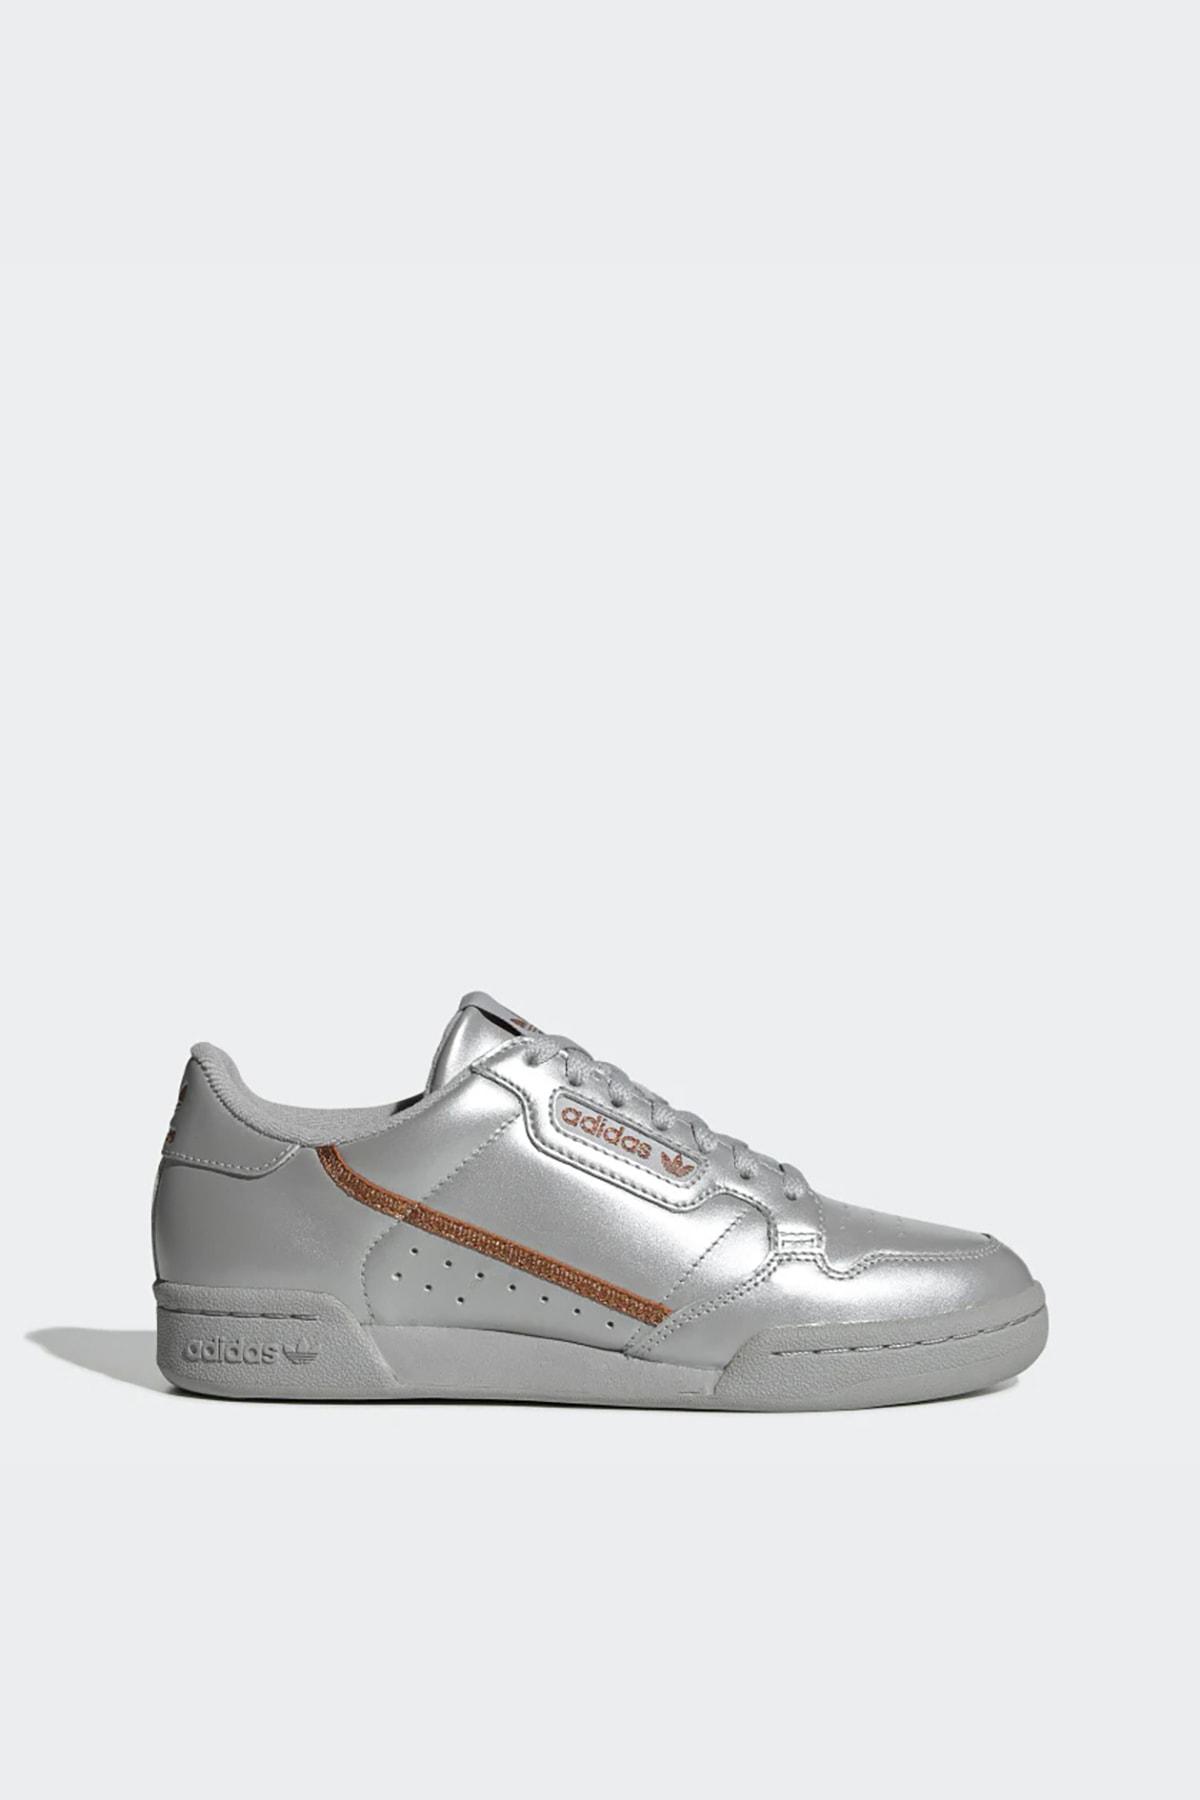 adidas Kadın Günlük Spor Ayakkabı Ee5565 Contınental 80 W 1